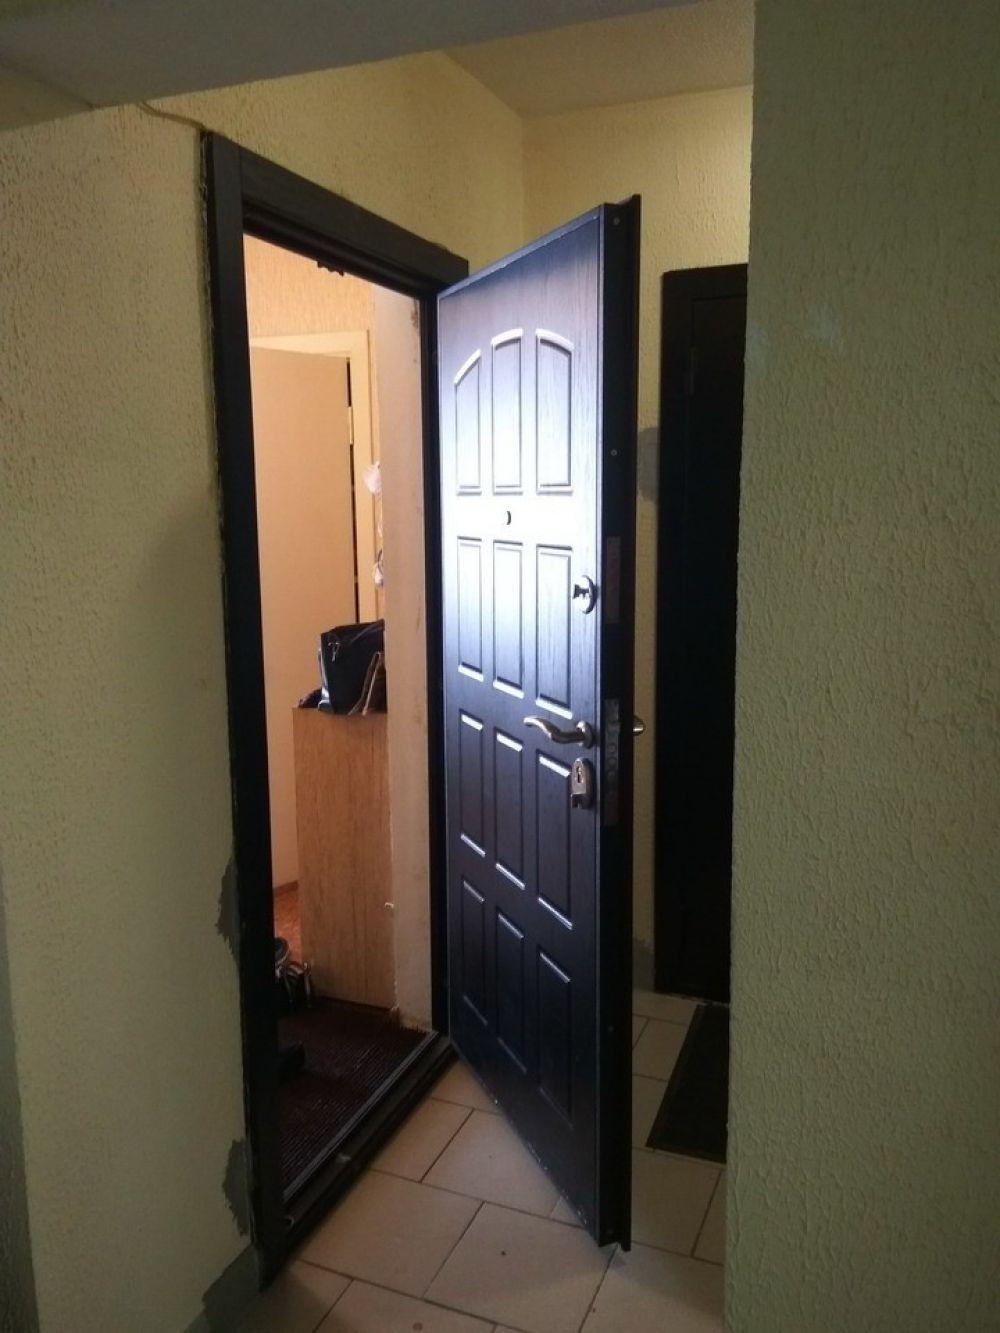 Однокомнатная квартира улучшенной планировки 47.6 м2, г. Щелково, Богородский мкр,10, фото 5